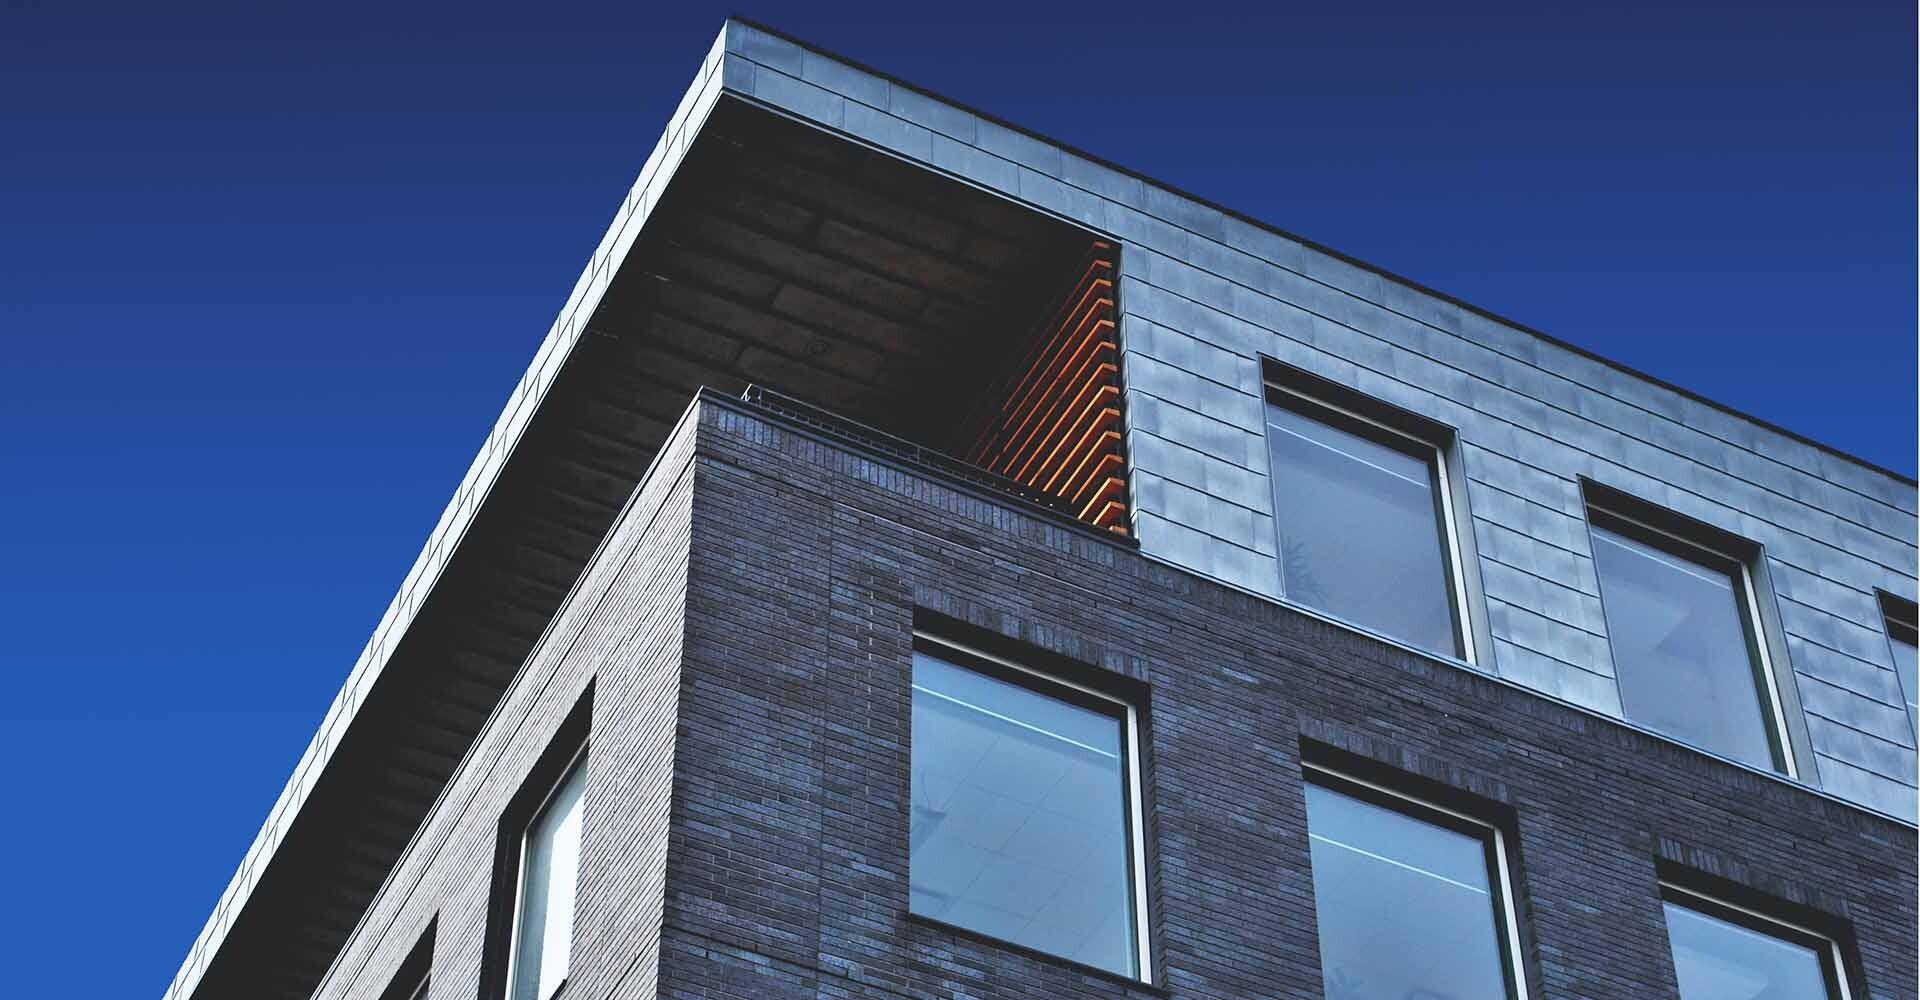 Bloque de viviendas modulares.